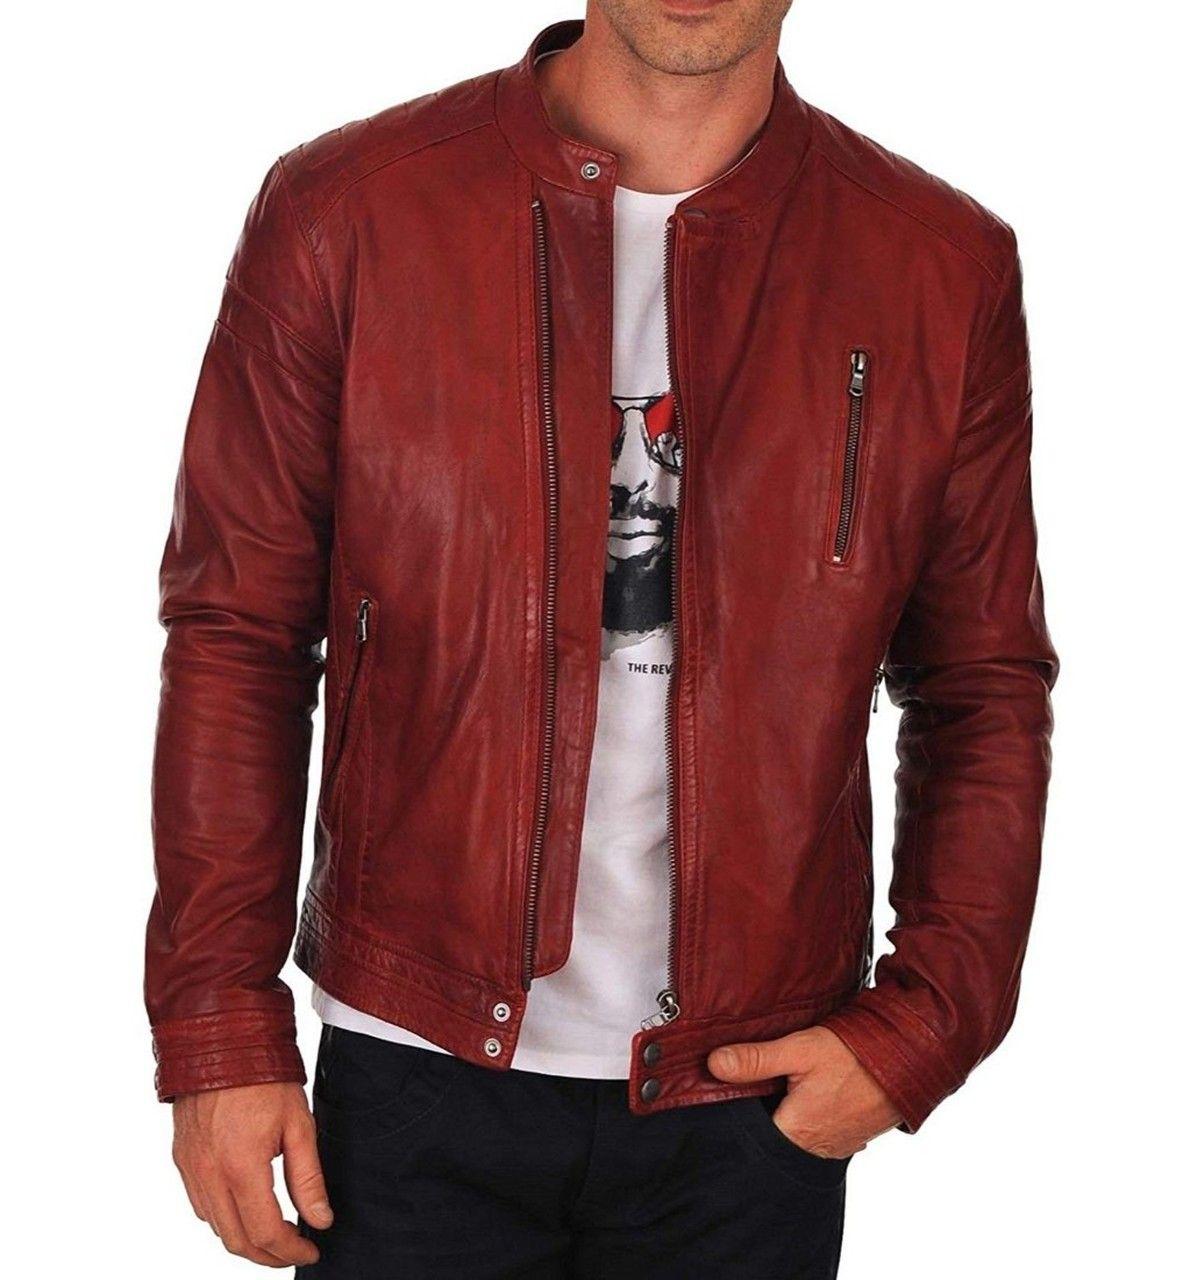 New Handmade Men S Maroon Biker Lamb Skin Leather Jacket Leather Jacket Men Jackets Men Fashion Men S Coats And Jackets [ 1280 x 1197 Pixel ]